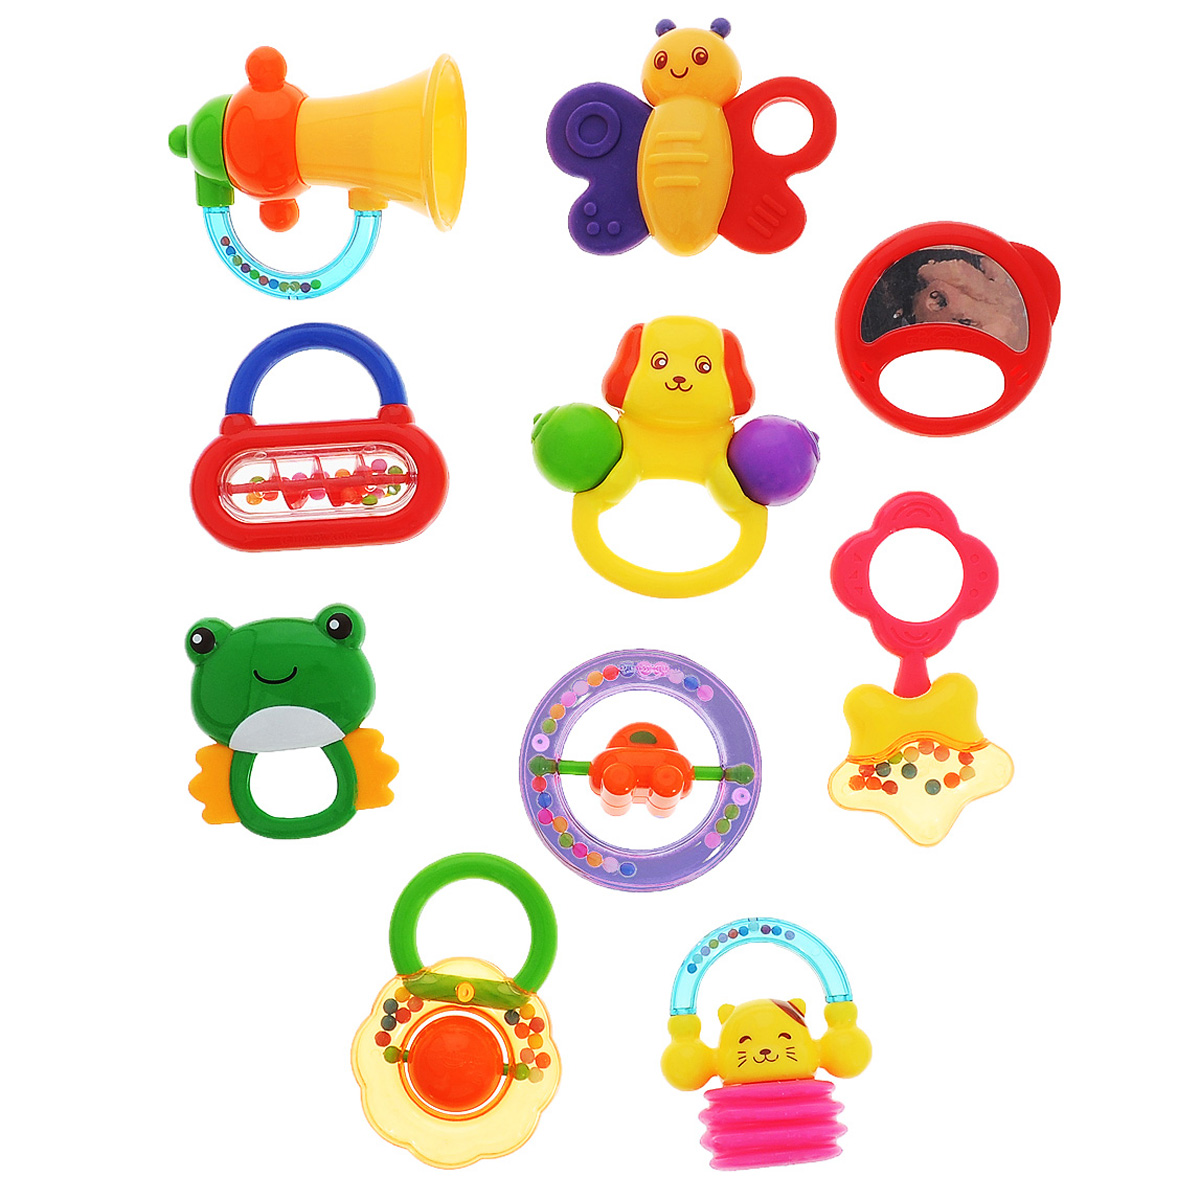 Набор игрушек-погремушек Малышарики, 10 шт набор игрушек погремушек малышарики 10 шт